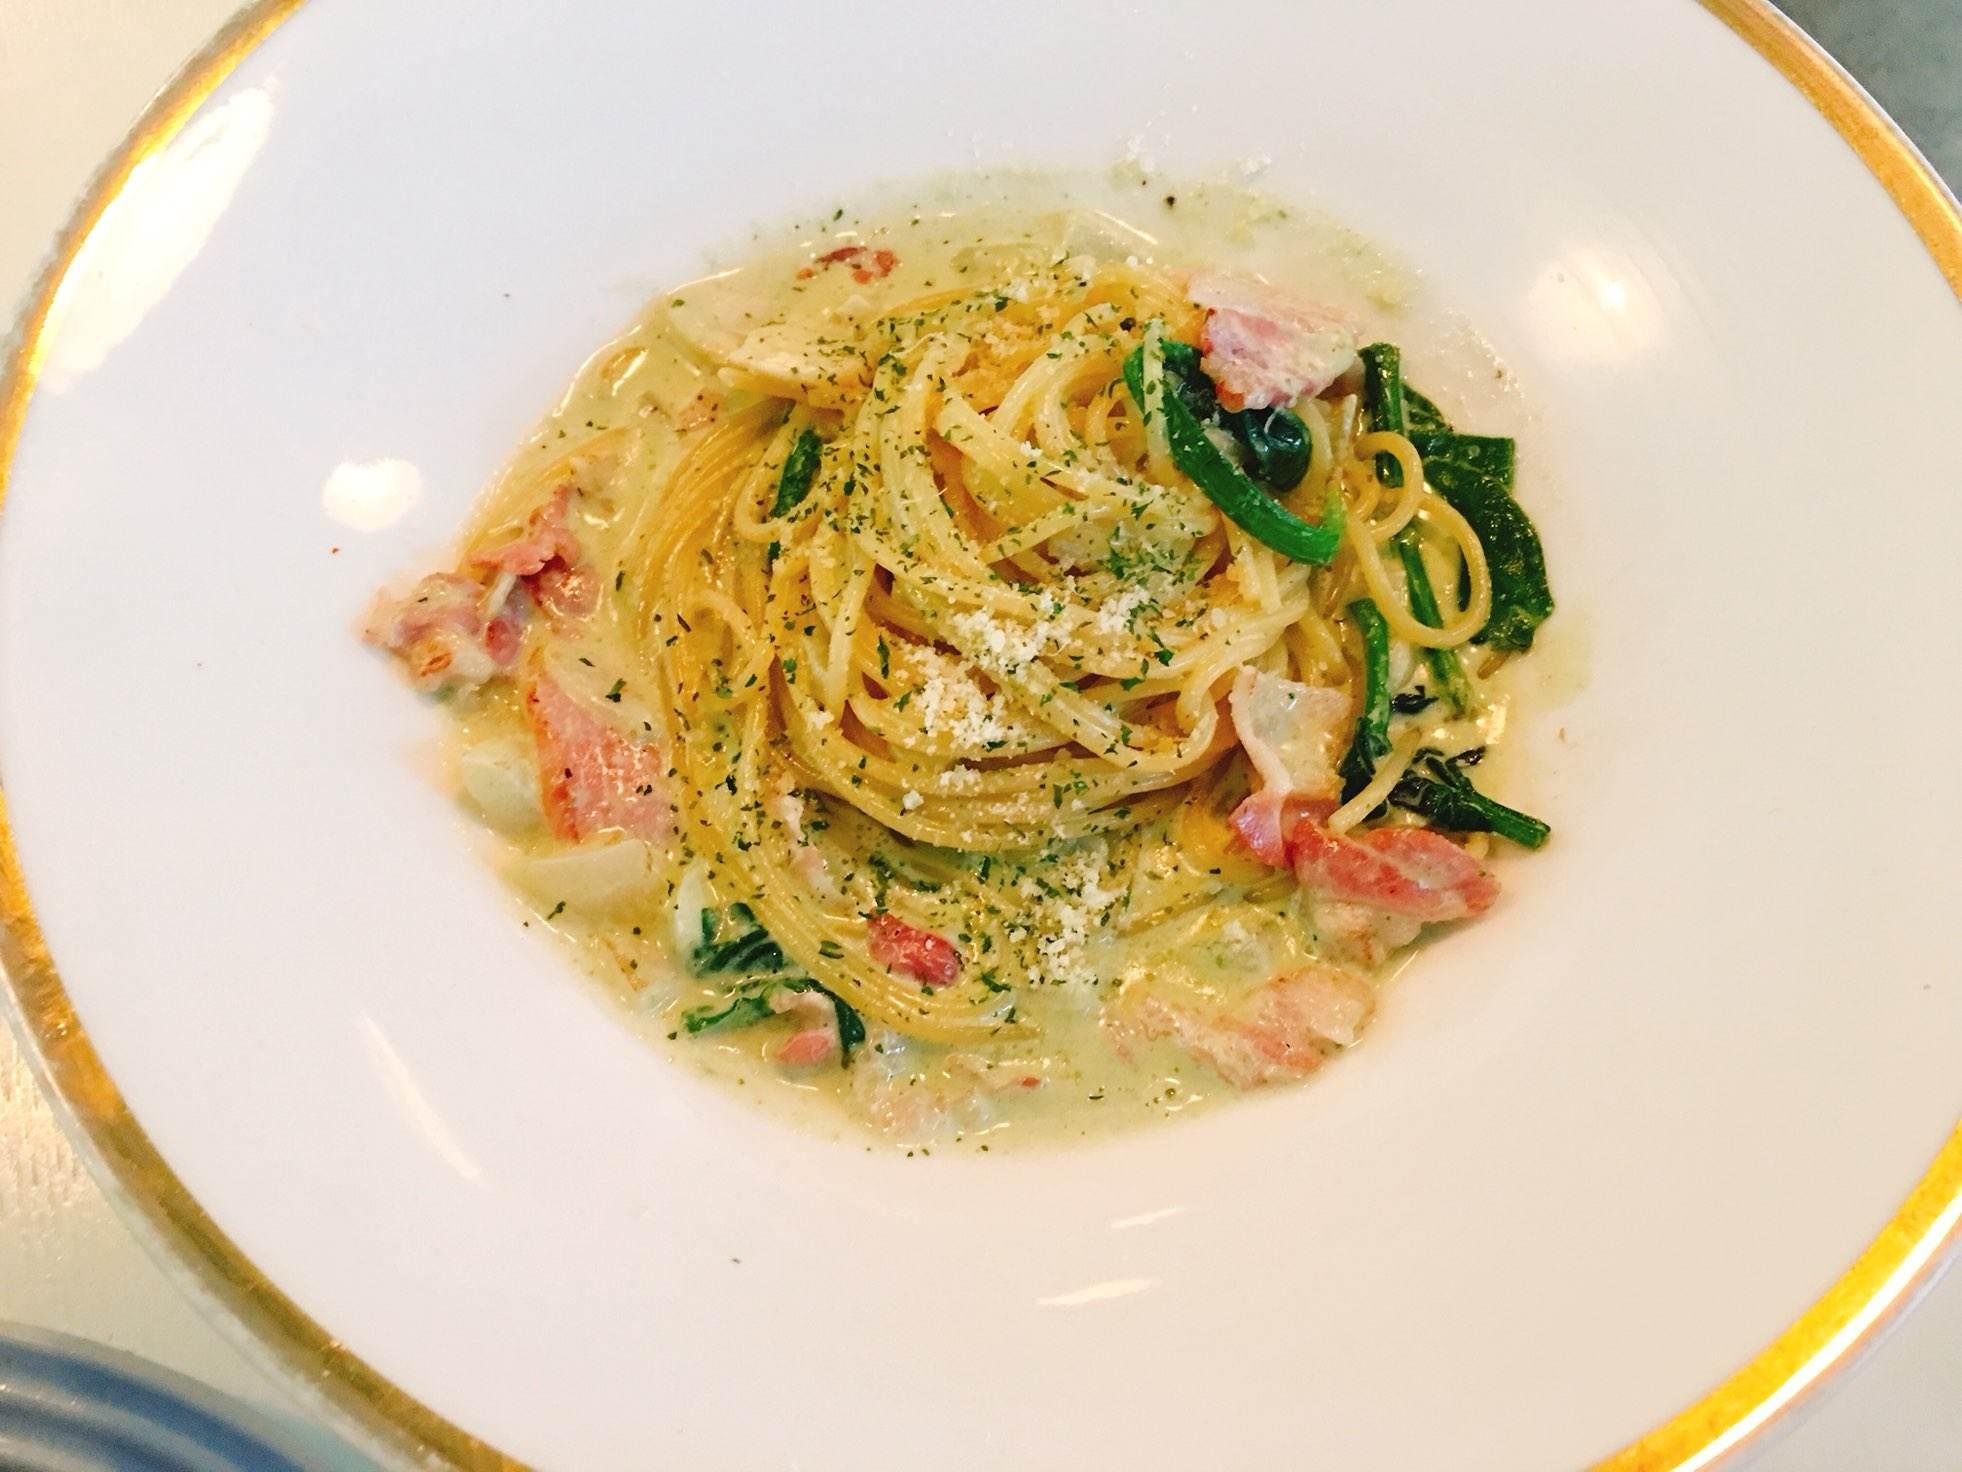 如果是想吃正餐的朋友們,義大利麵也是個不錯的選擇喔!雖然說是早午餐咖啡廳,其實也是一整天營業的呢!